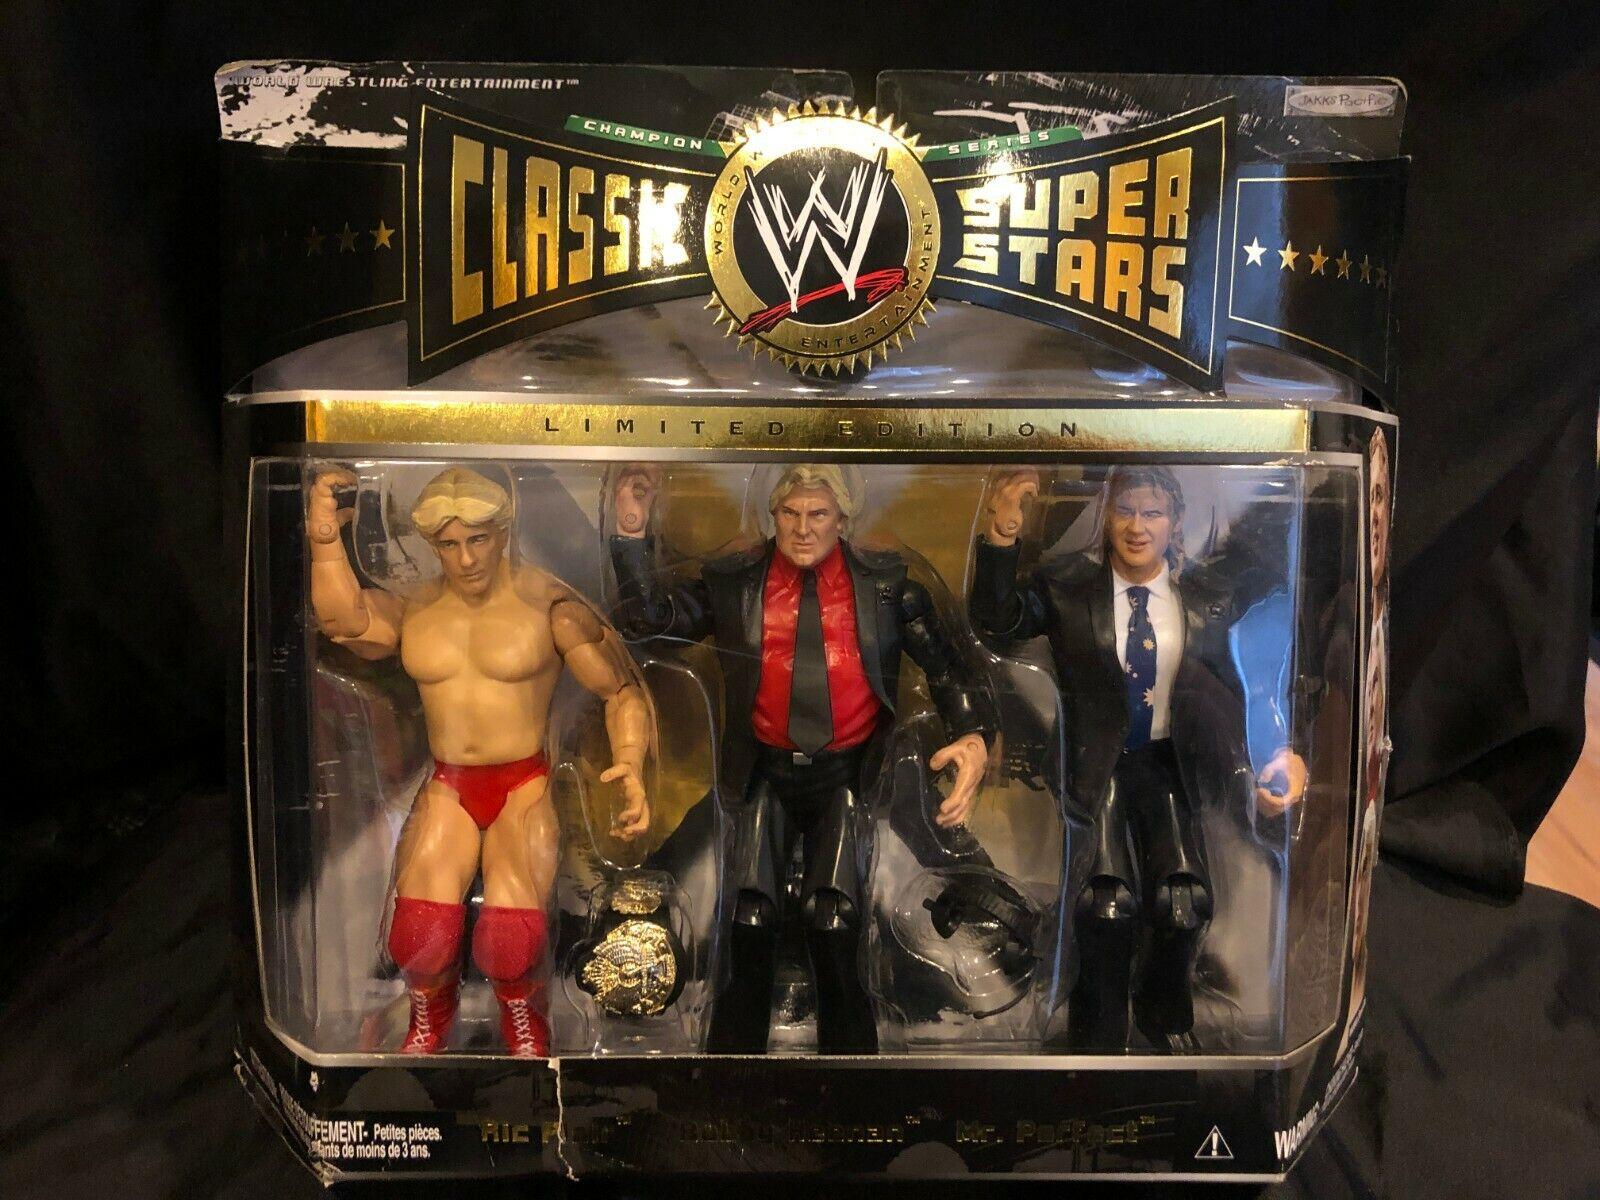 RIC Flair, Bobby automel heenan e il signor perfetta cifra classeIC SUPERestrellaS 3 Pack più economico